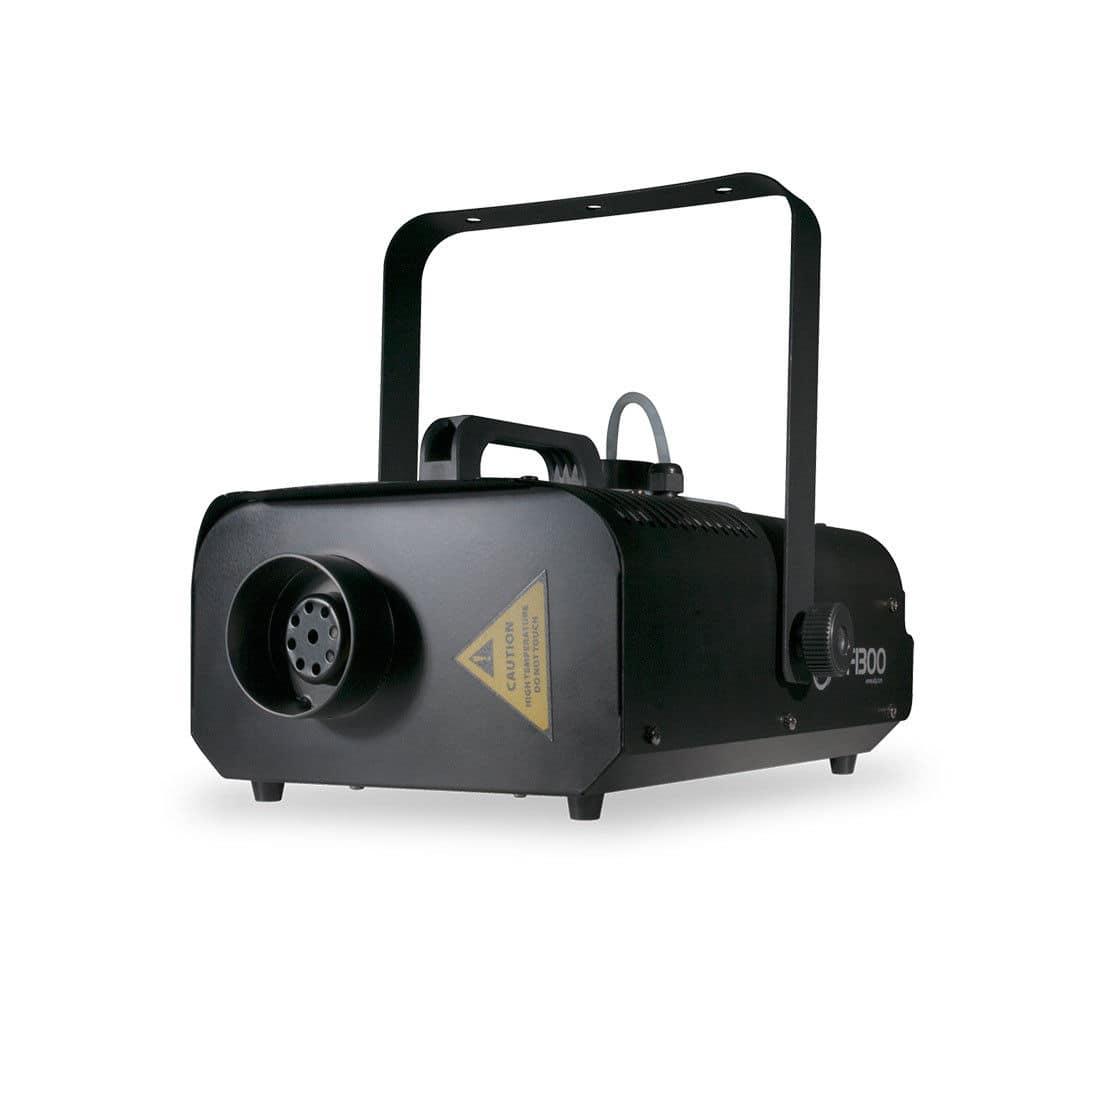 Nebeleffekte - ADJ VF1300 Nebelmaschine - Onlineshop Musikhaus Kirstein